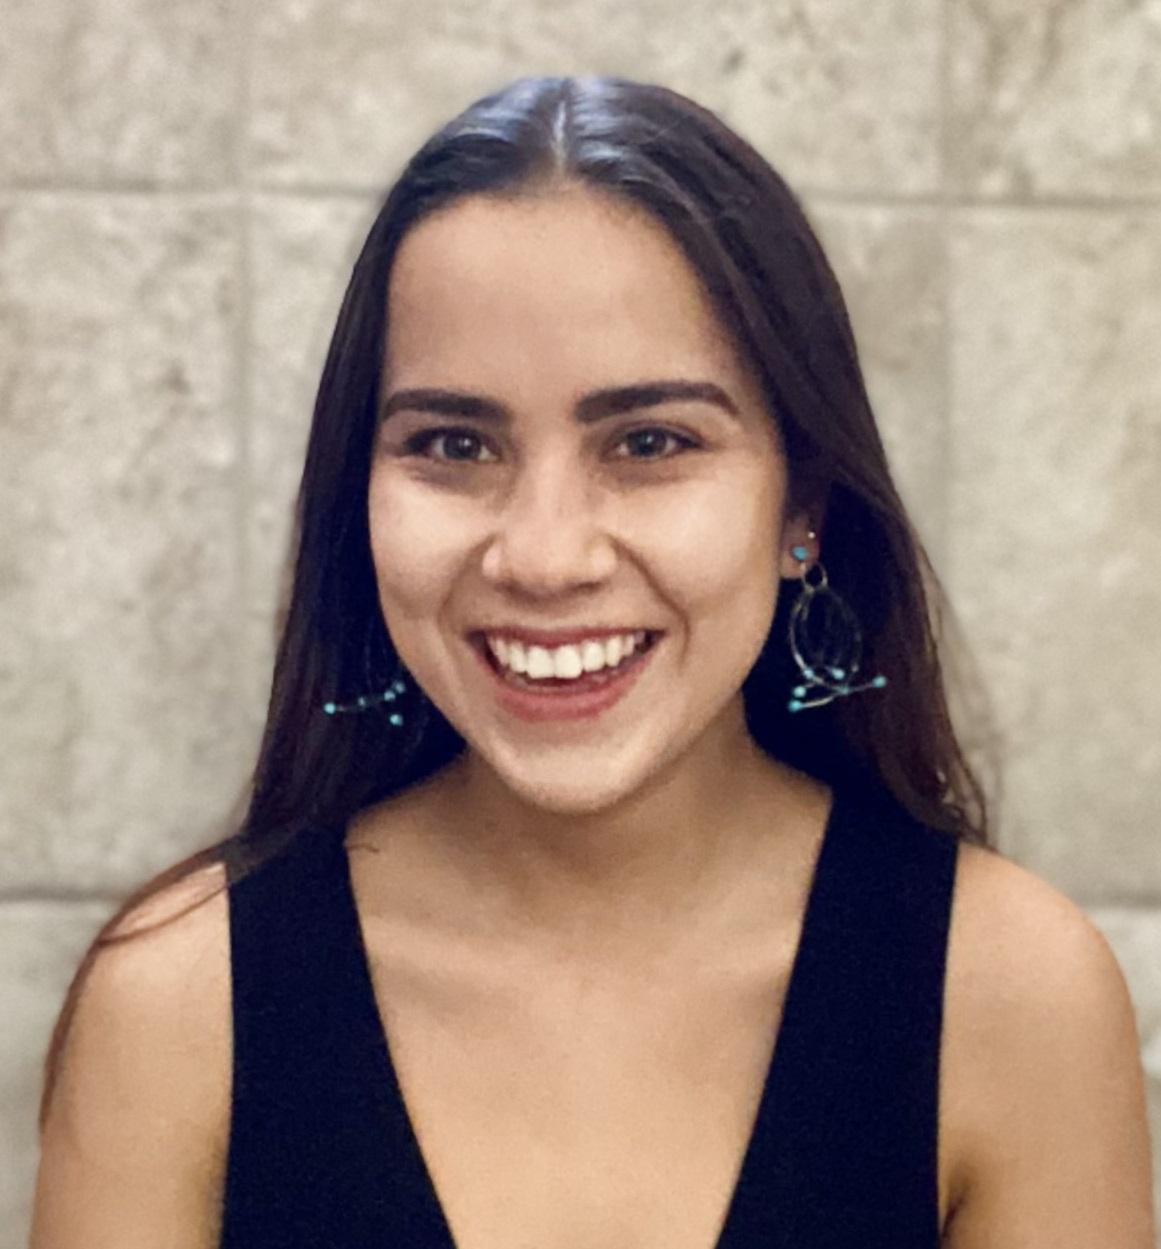 Allyssa Trujillo